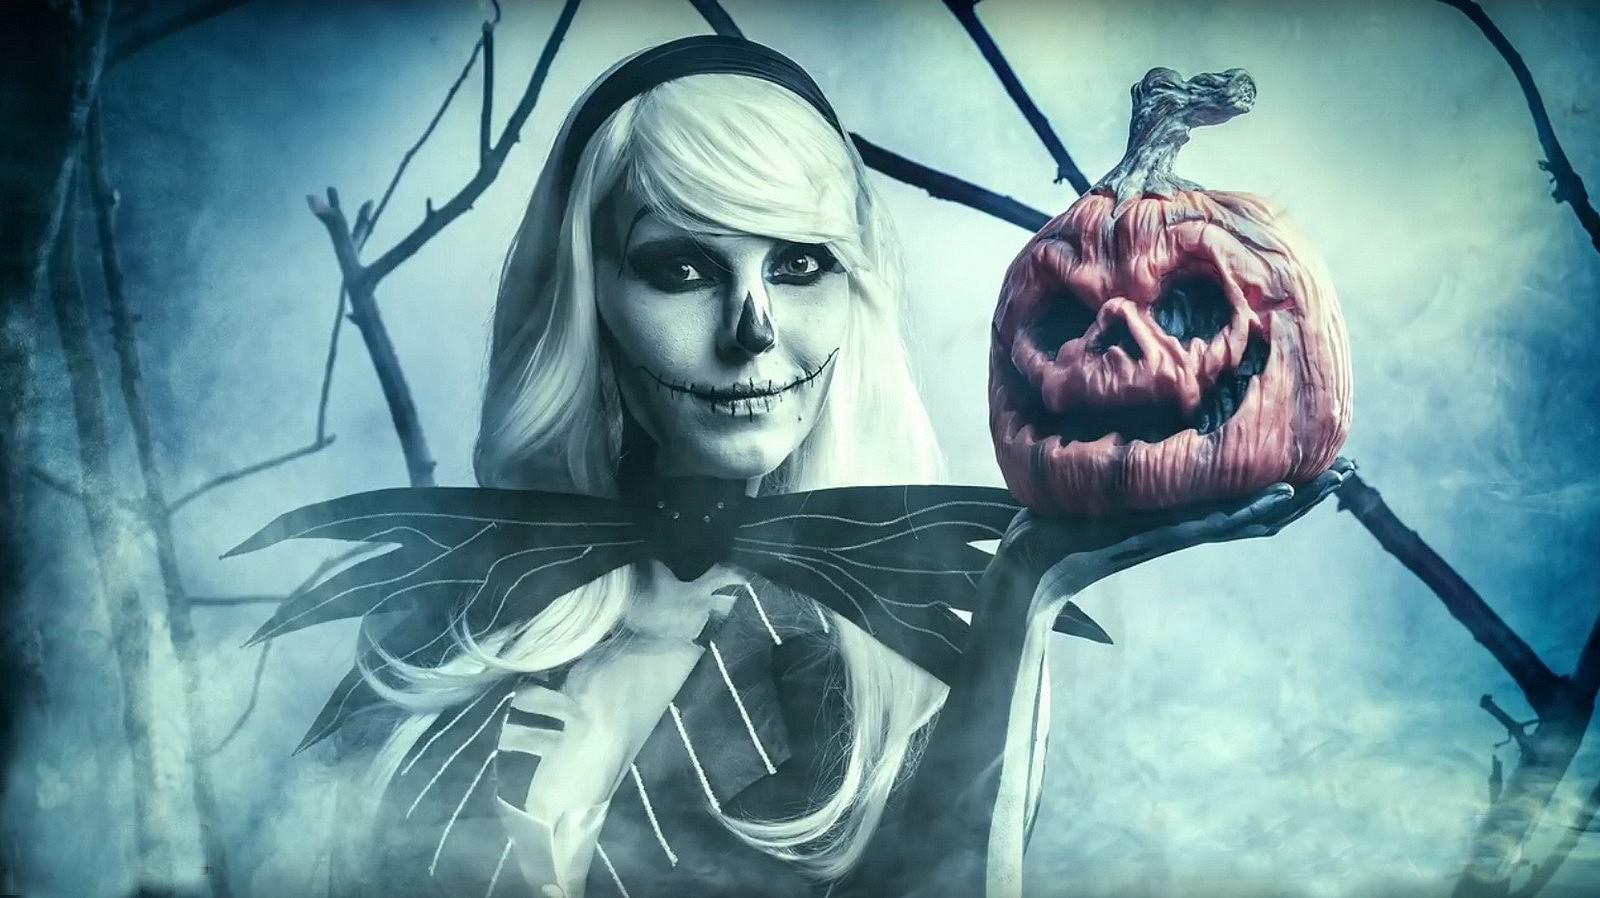 Créez un portrait digne d'un vrai film d'horreur pour l'Halloween avec un équipement de base dans un petit studio